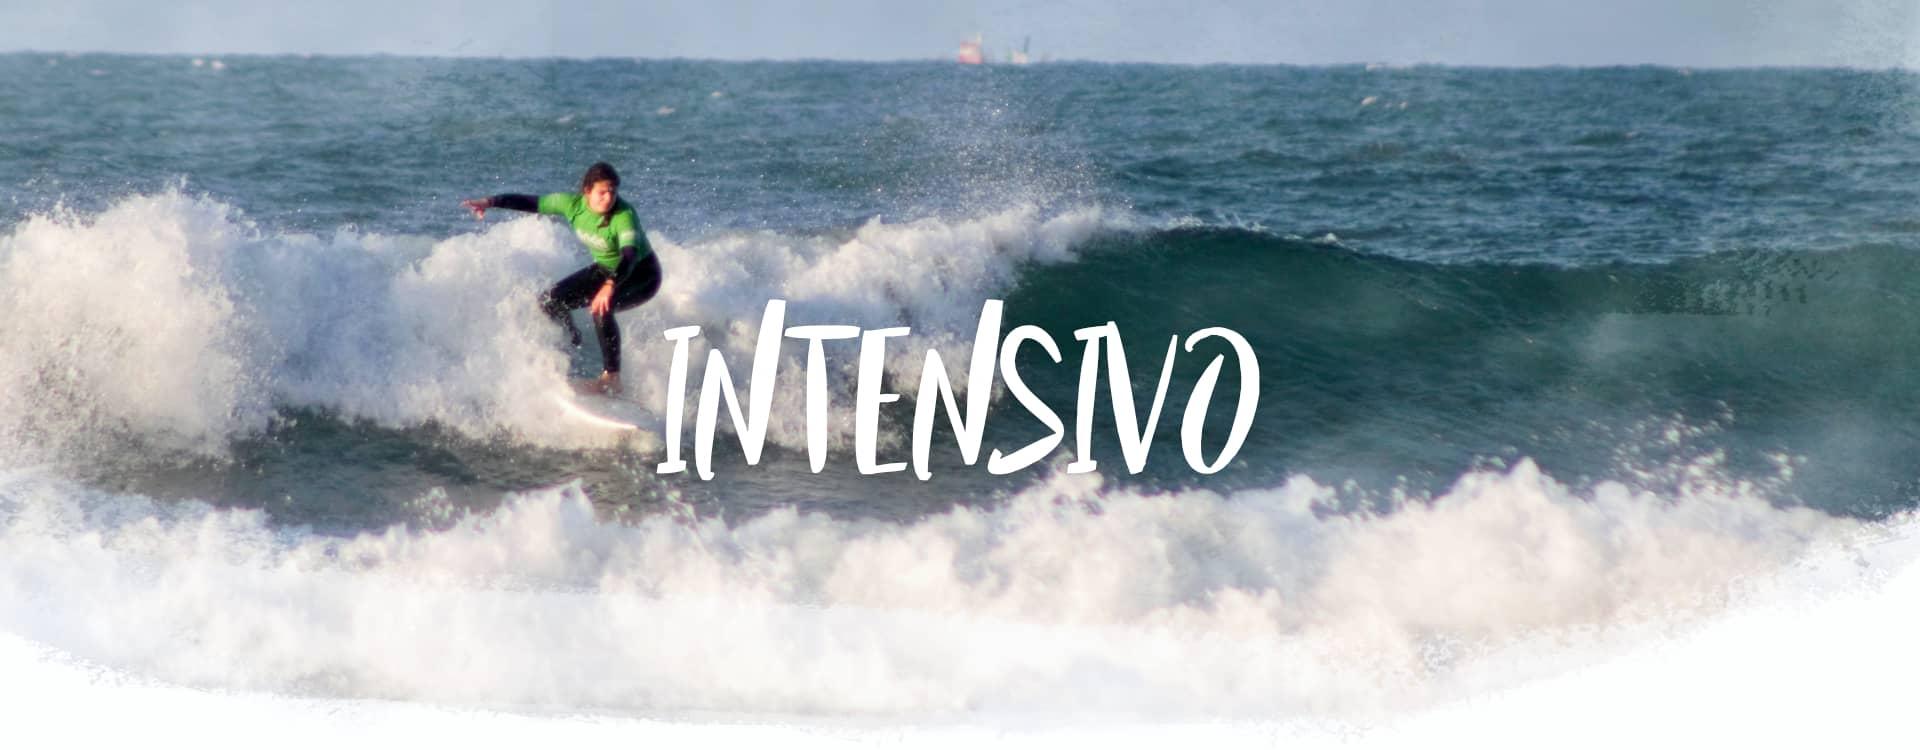 Cursos de surf intensivos en San Vicente de la Barquera